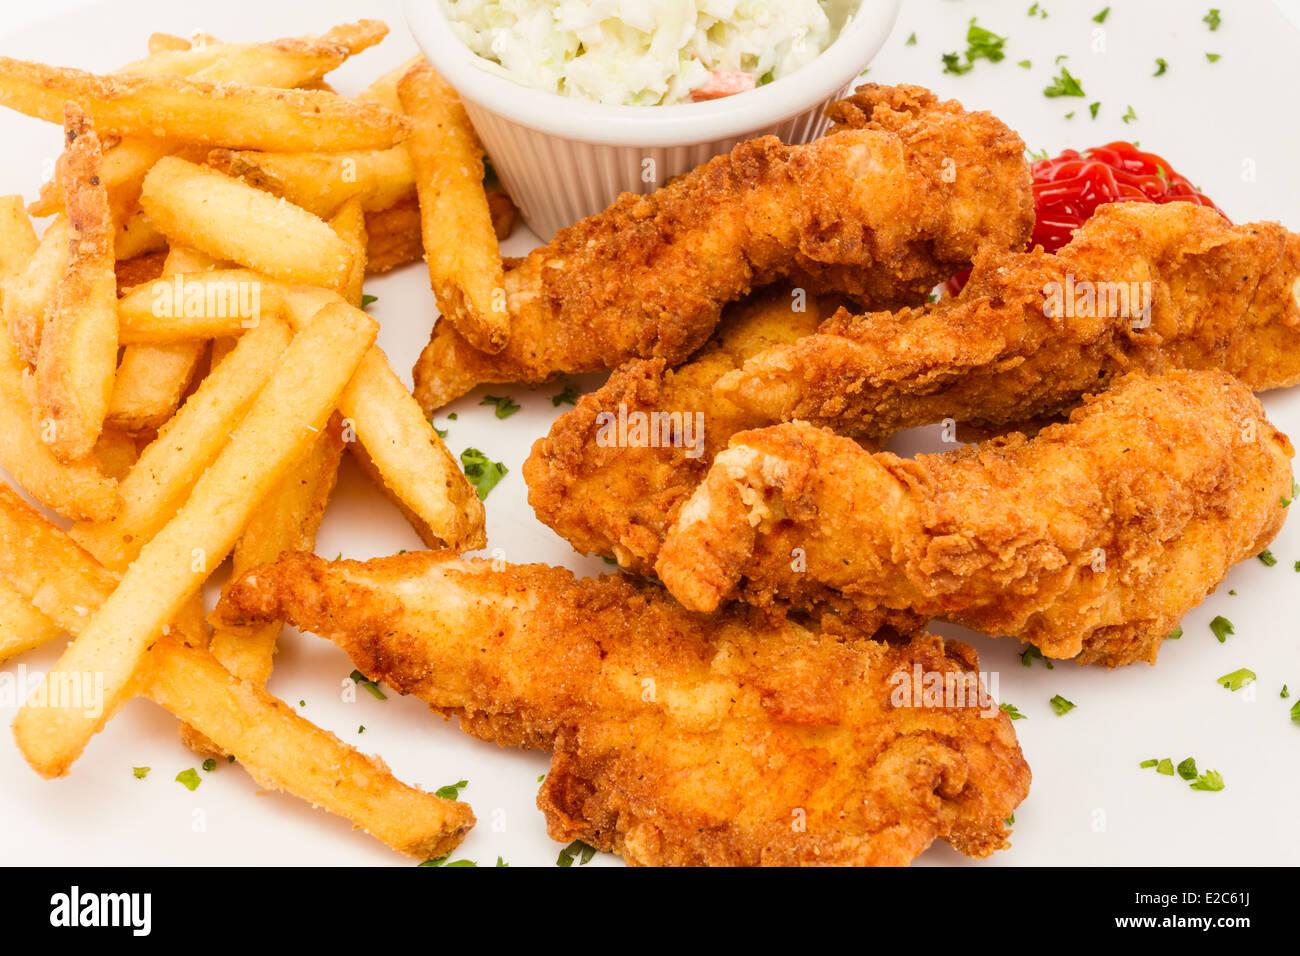 Poulet frit servi avec frites et salade de chou. Photo Stock